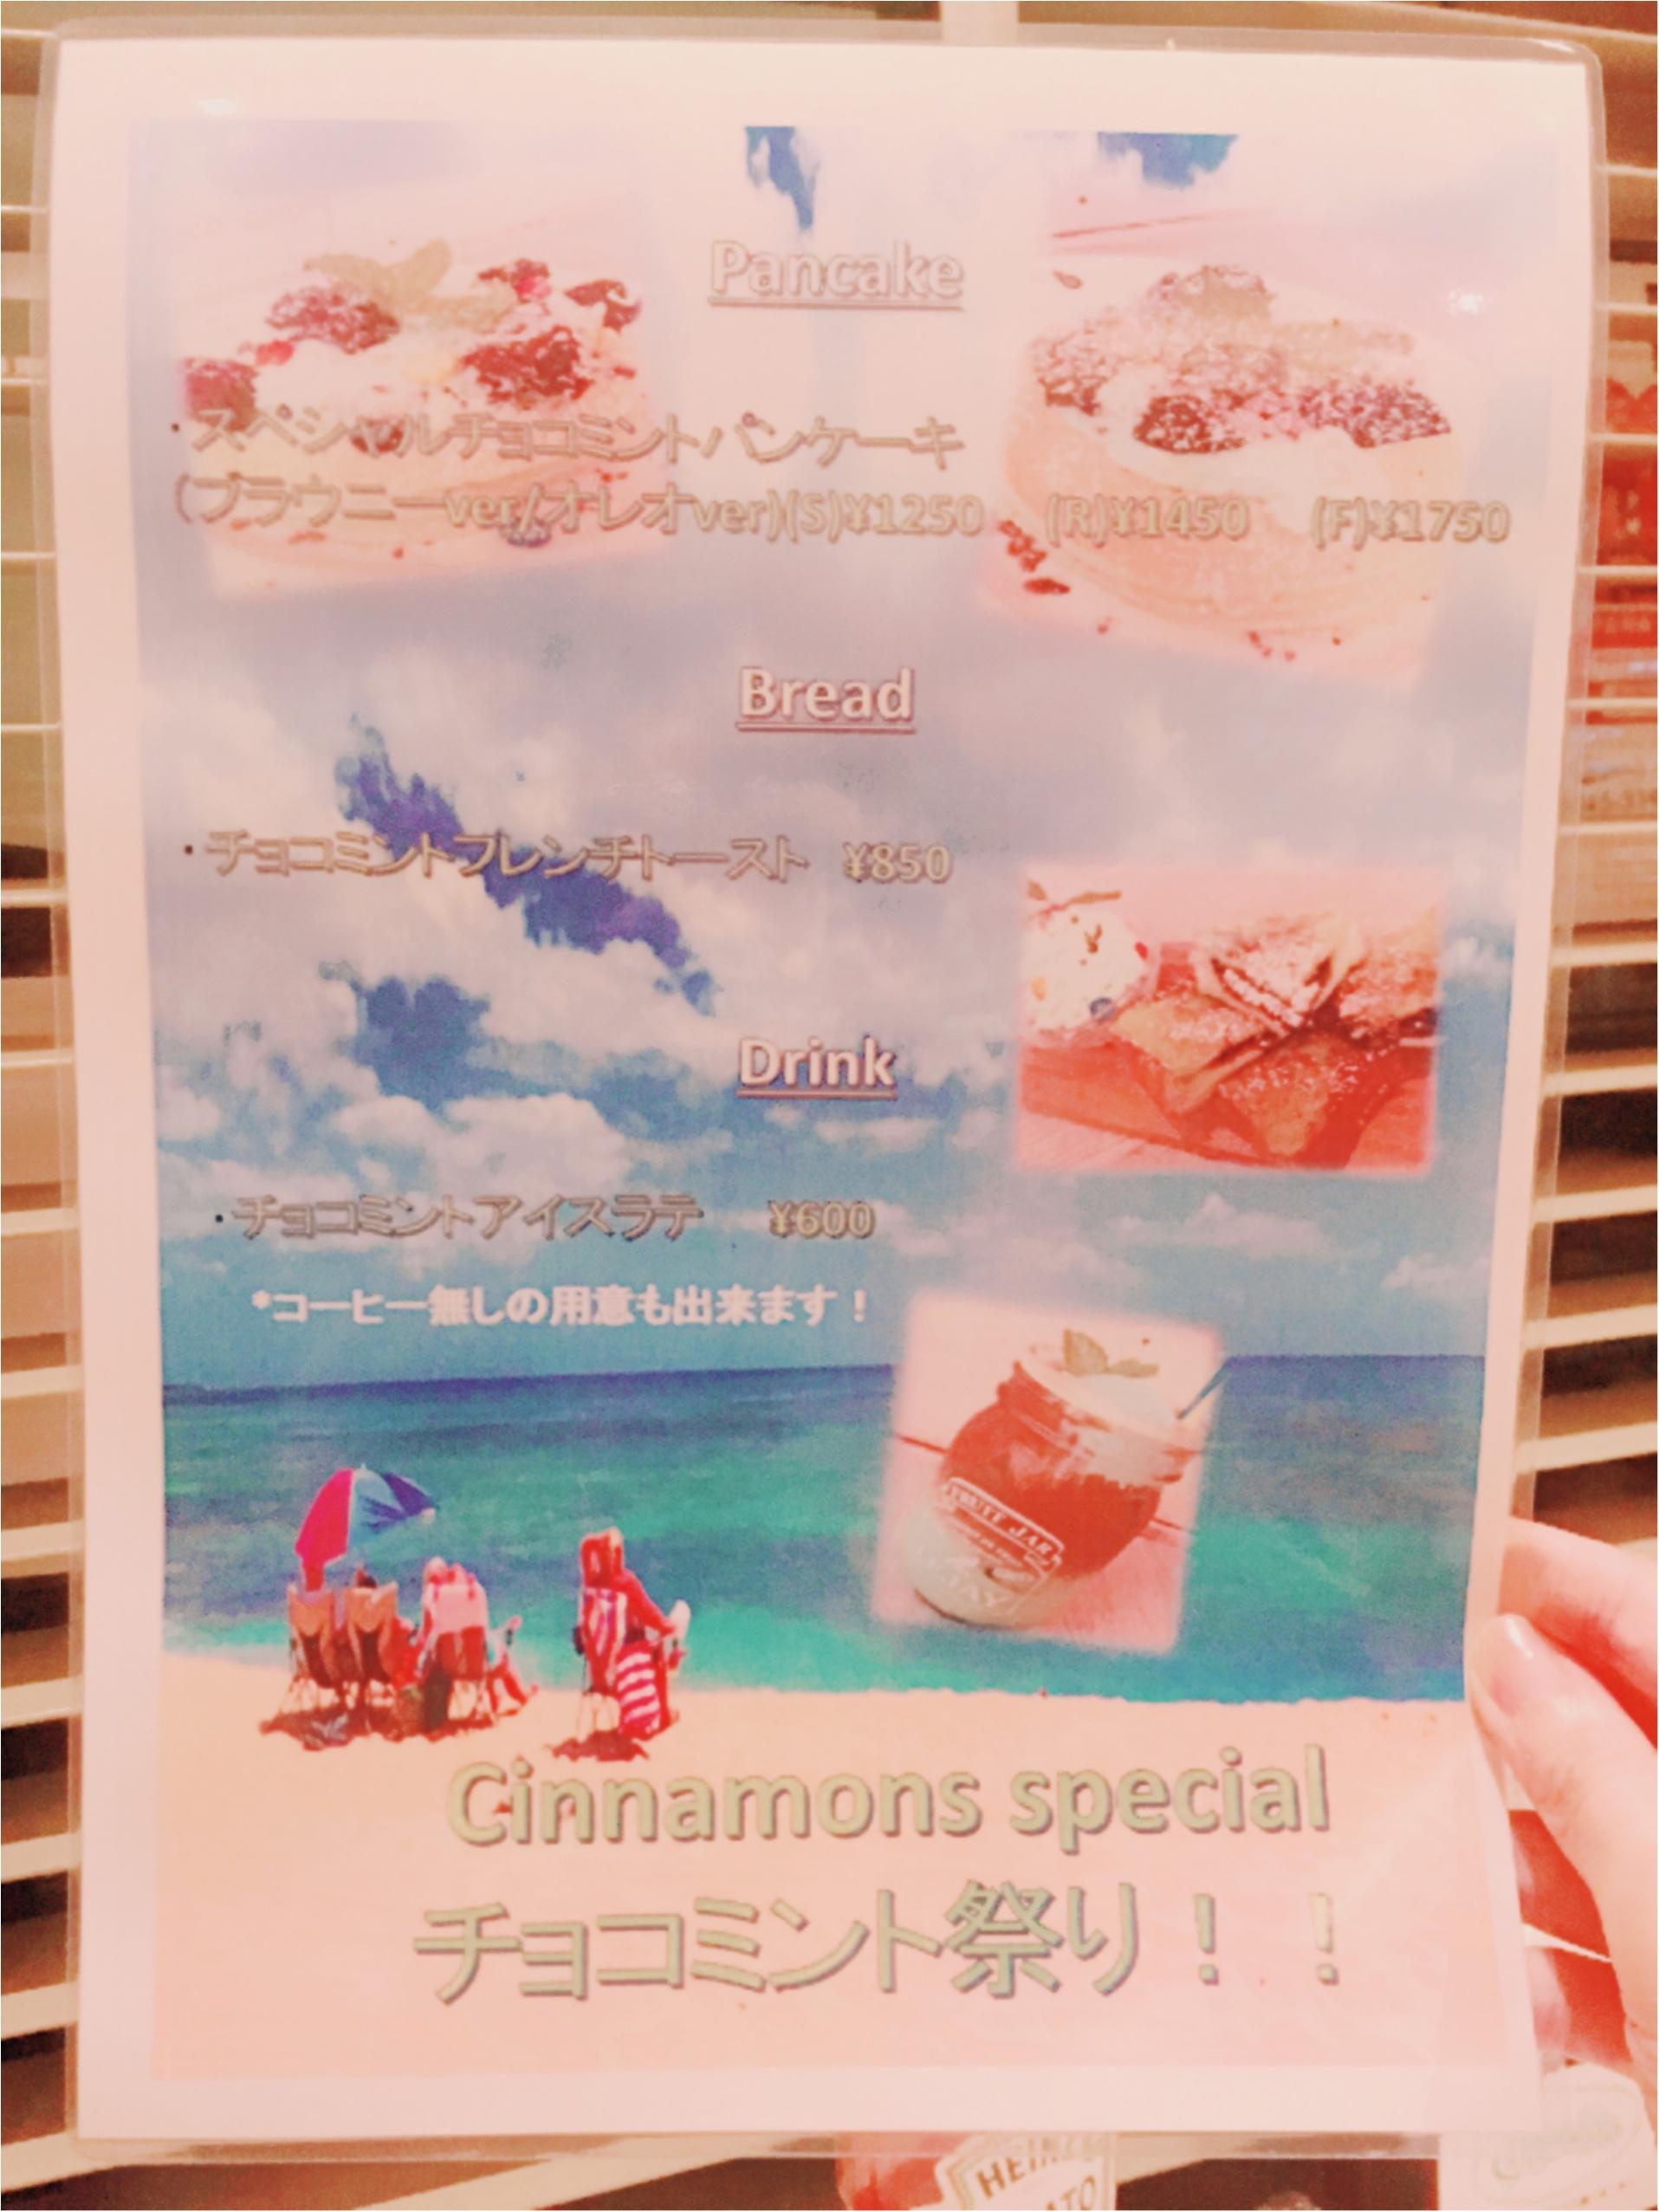 チョコミン党の天国♪シナモンズ横浜のチョコミントフェスティバルをレポ!_3